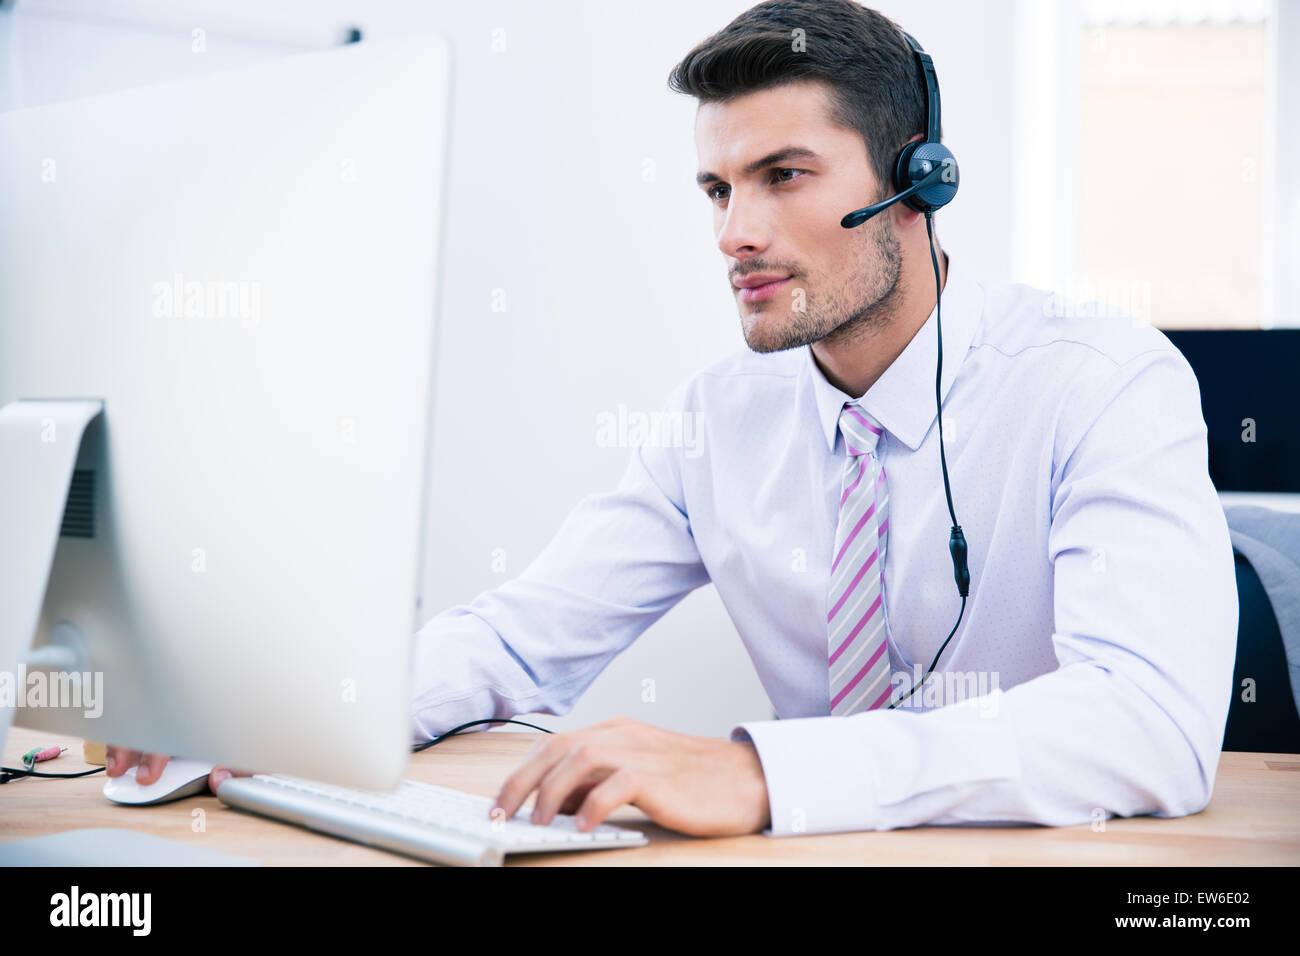 Bel maschio operatore che lavora sul PC in ufficio Immagini Stock